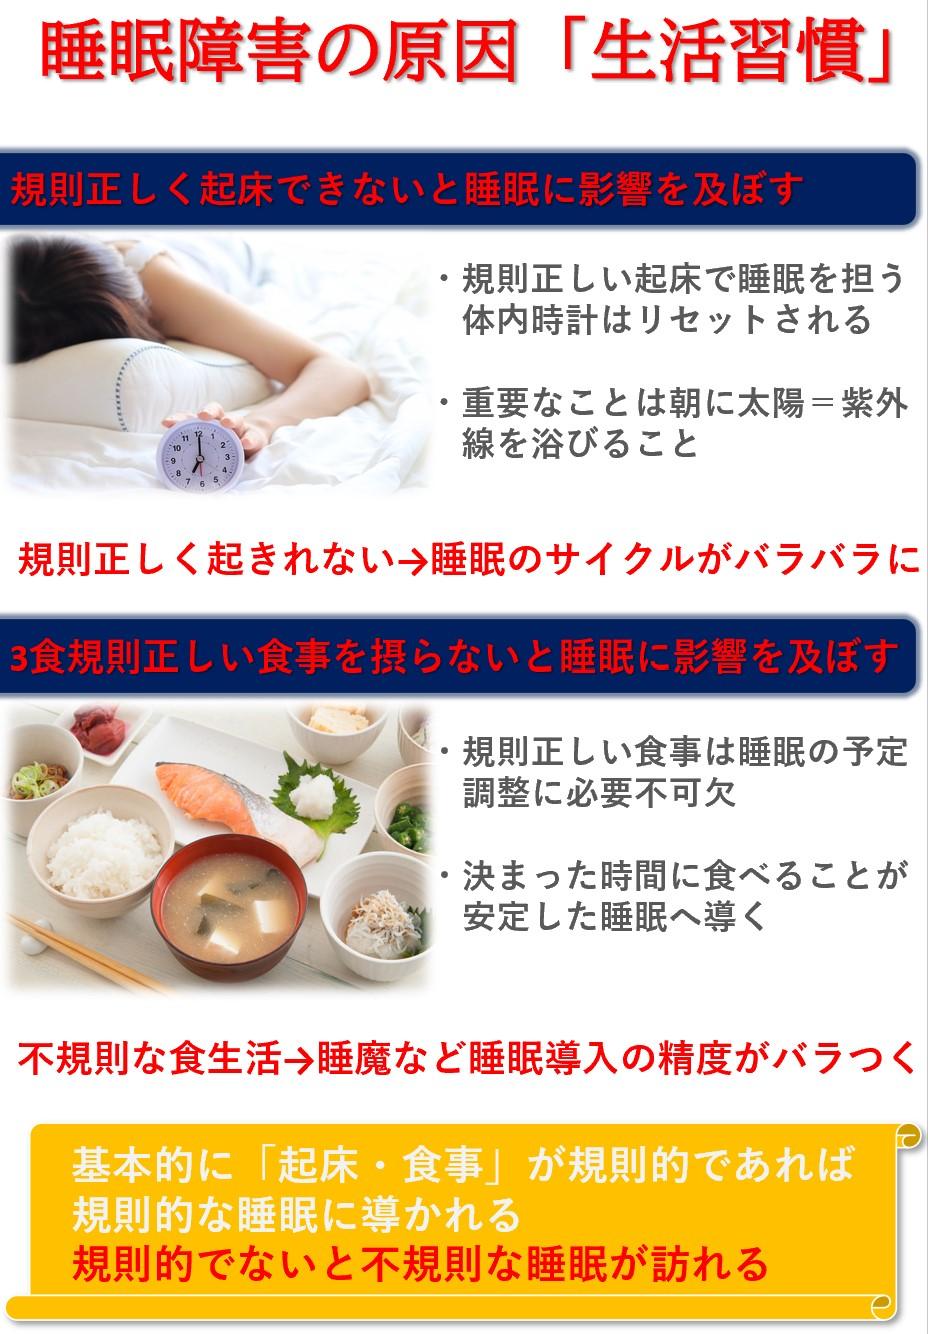 生活習慣による睡眠障害